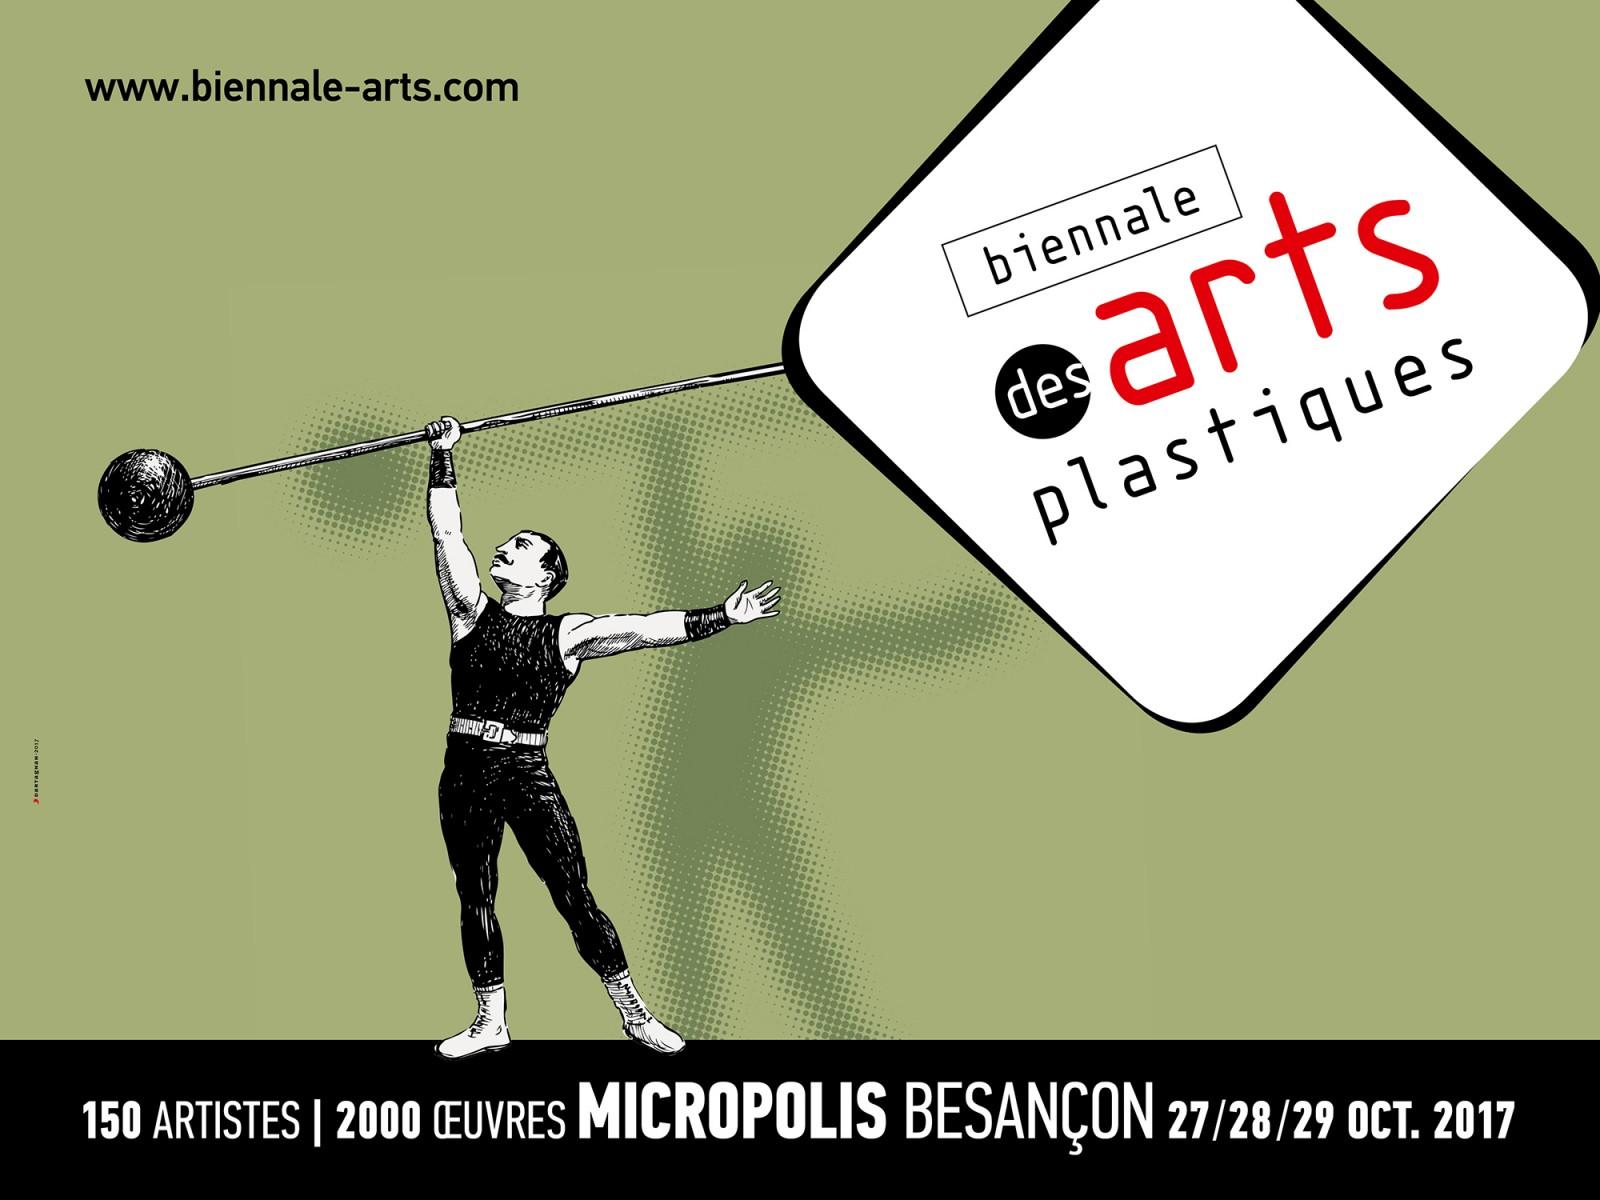 v-Biennale-Jean-Pierre-Sergent-4x3-2017